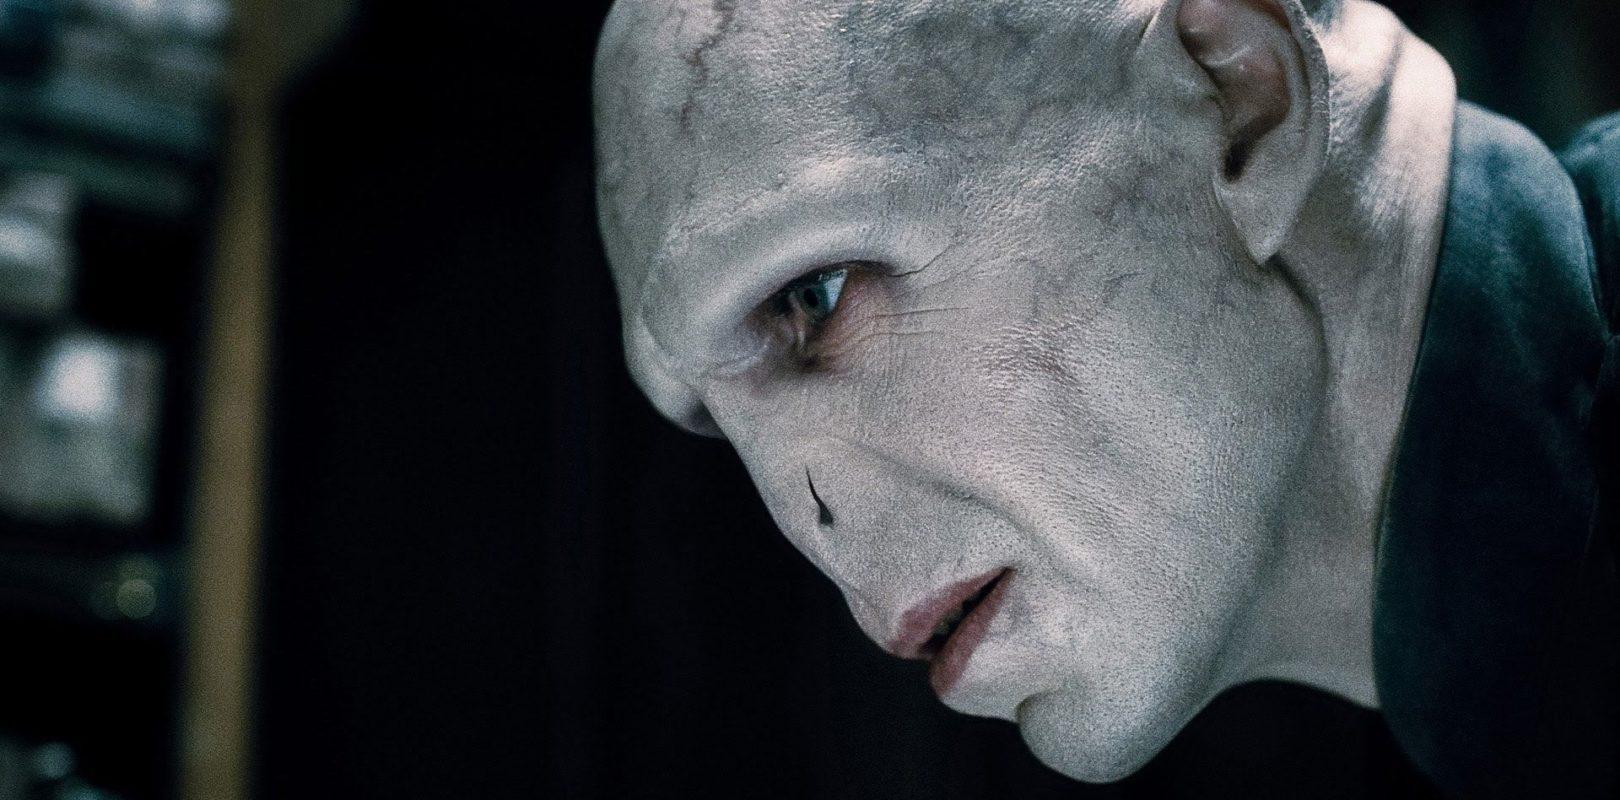 Il filosofo Ortega y Gasset avrebbe potuto salvare l'anima di Voldemort?